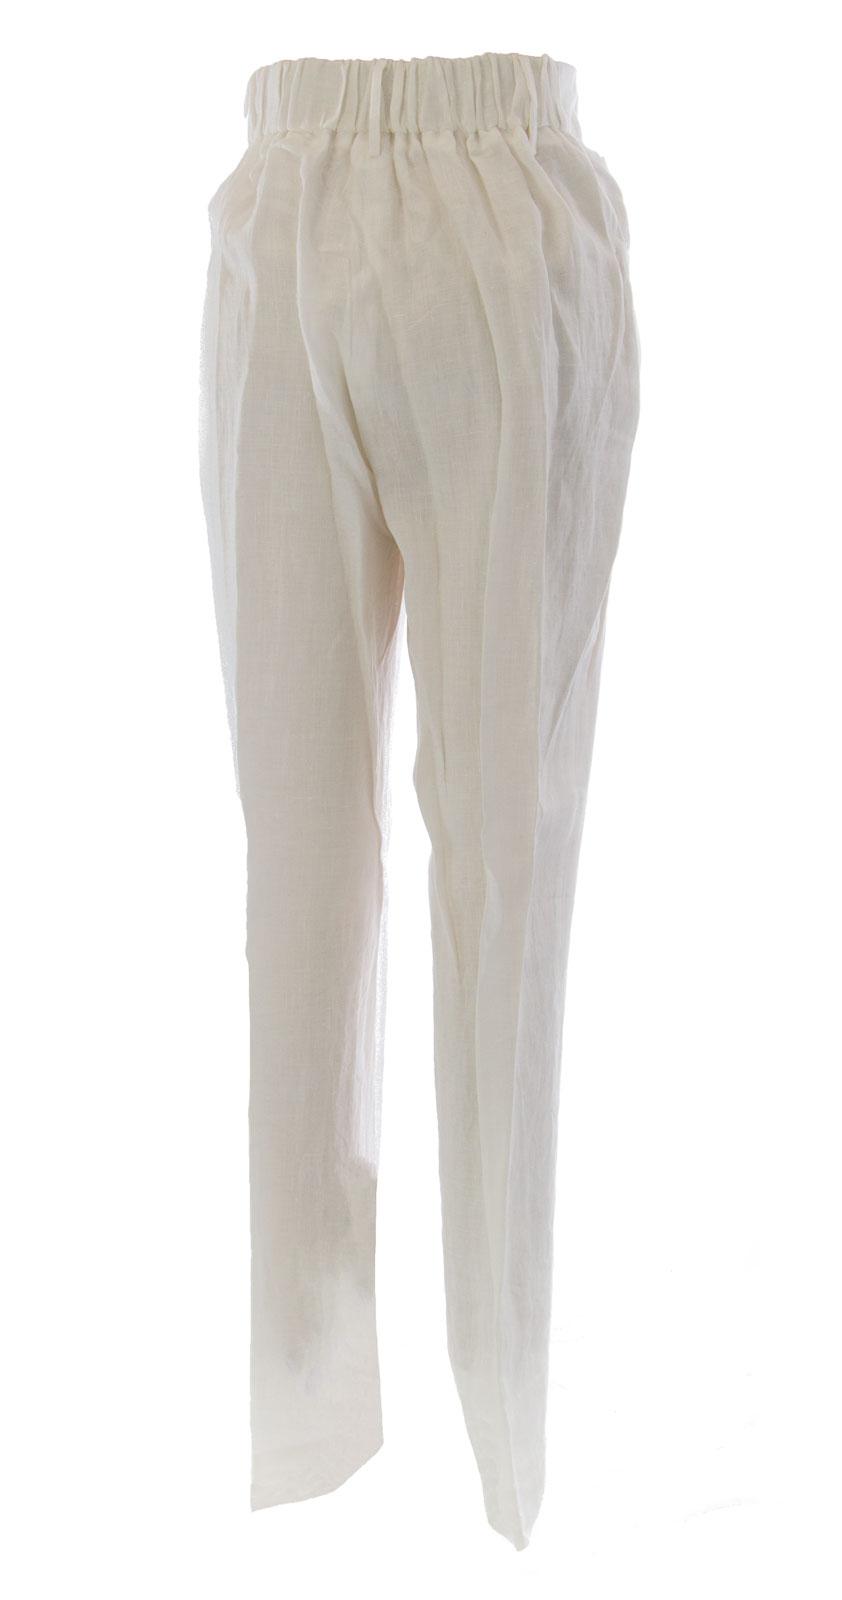 Marina Rinaldi By Maxmara Maxmara Maxmara Berno Weiß Gummibund Anzughose Nwt | Ausgezeichnete Qualität  | Wirtschaftlich und praktisch  | Qualität Produkte  0f2a0f